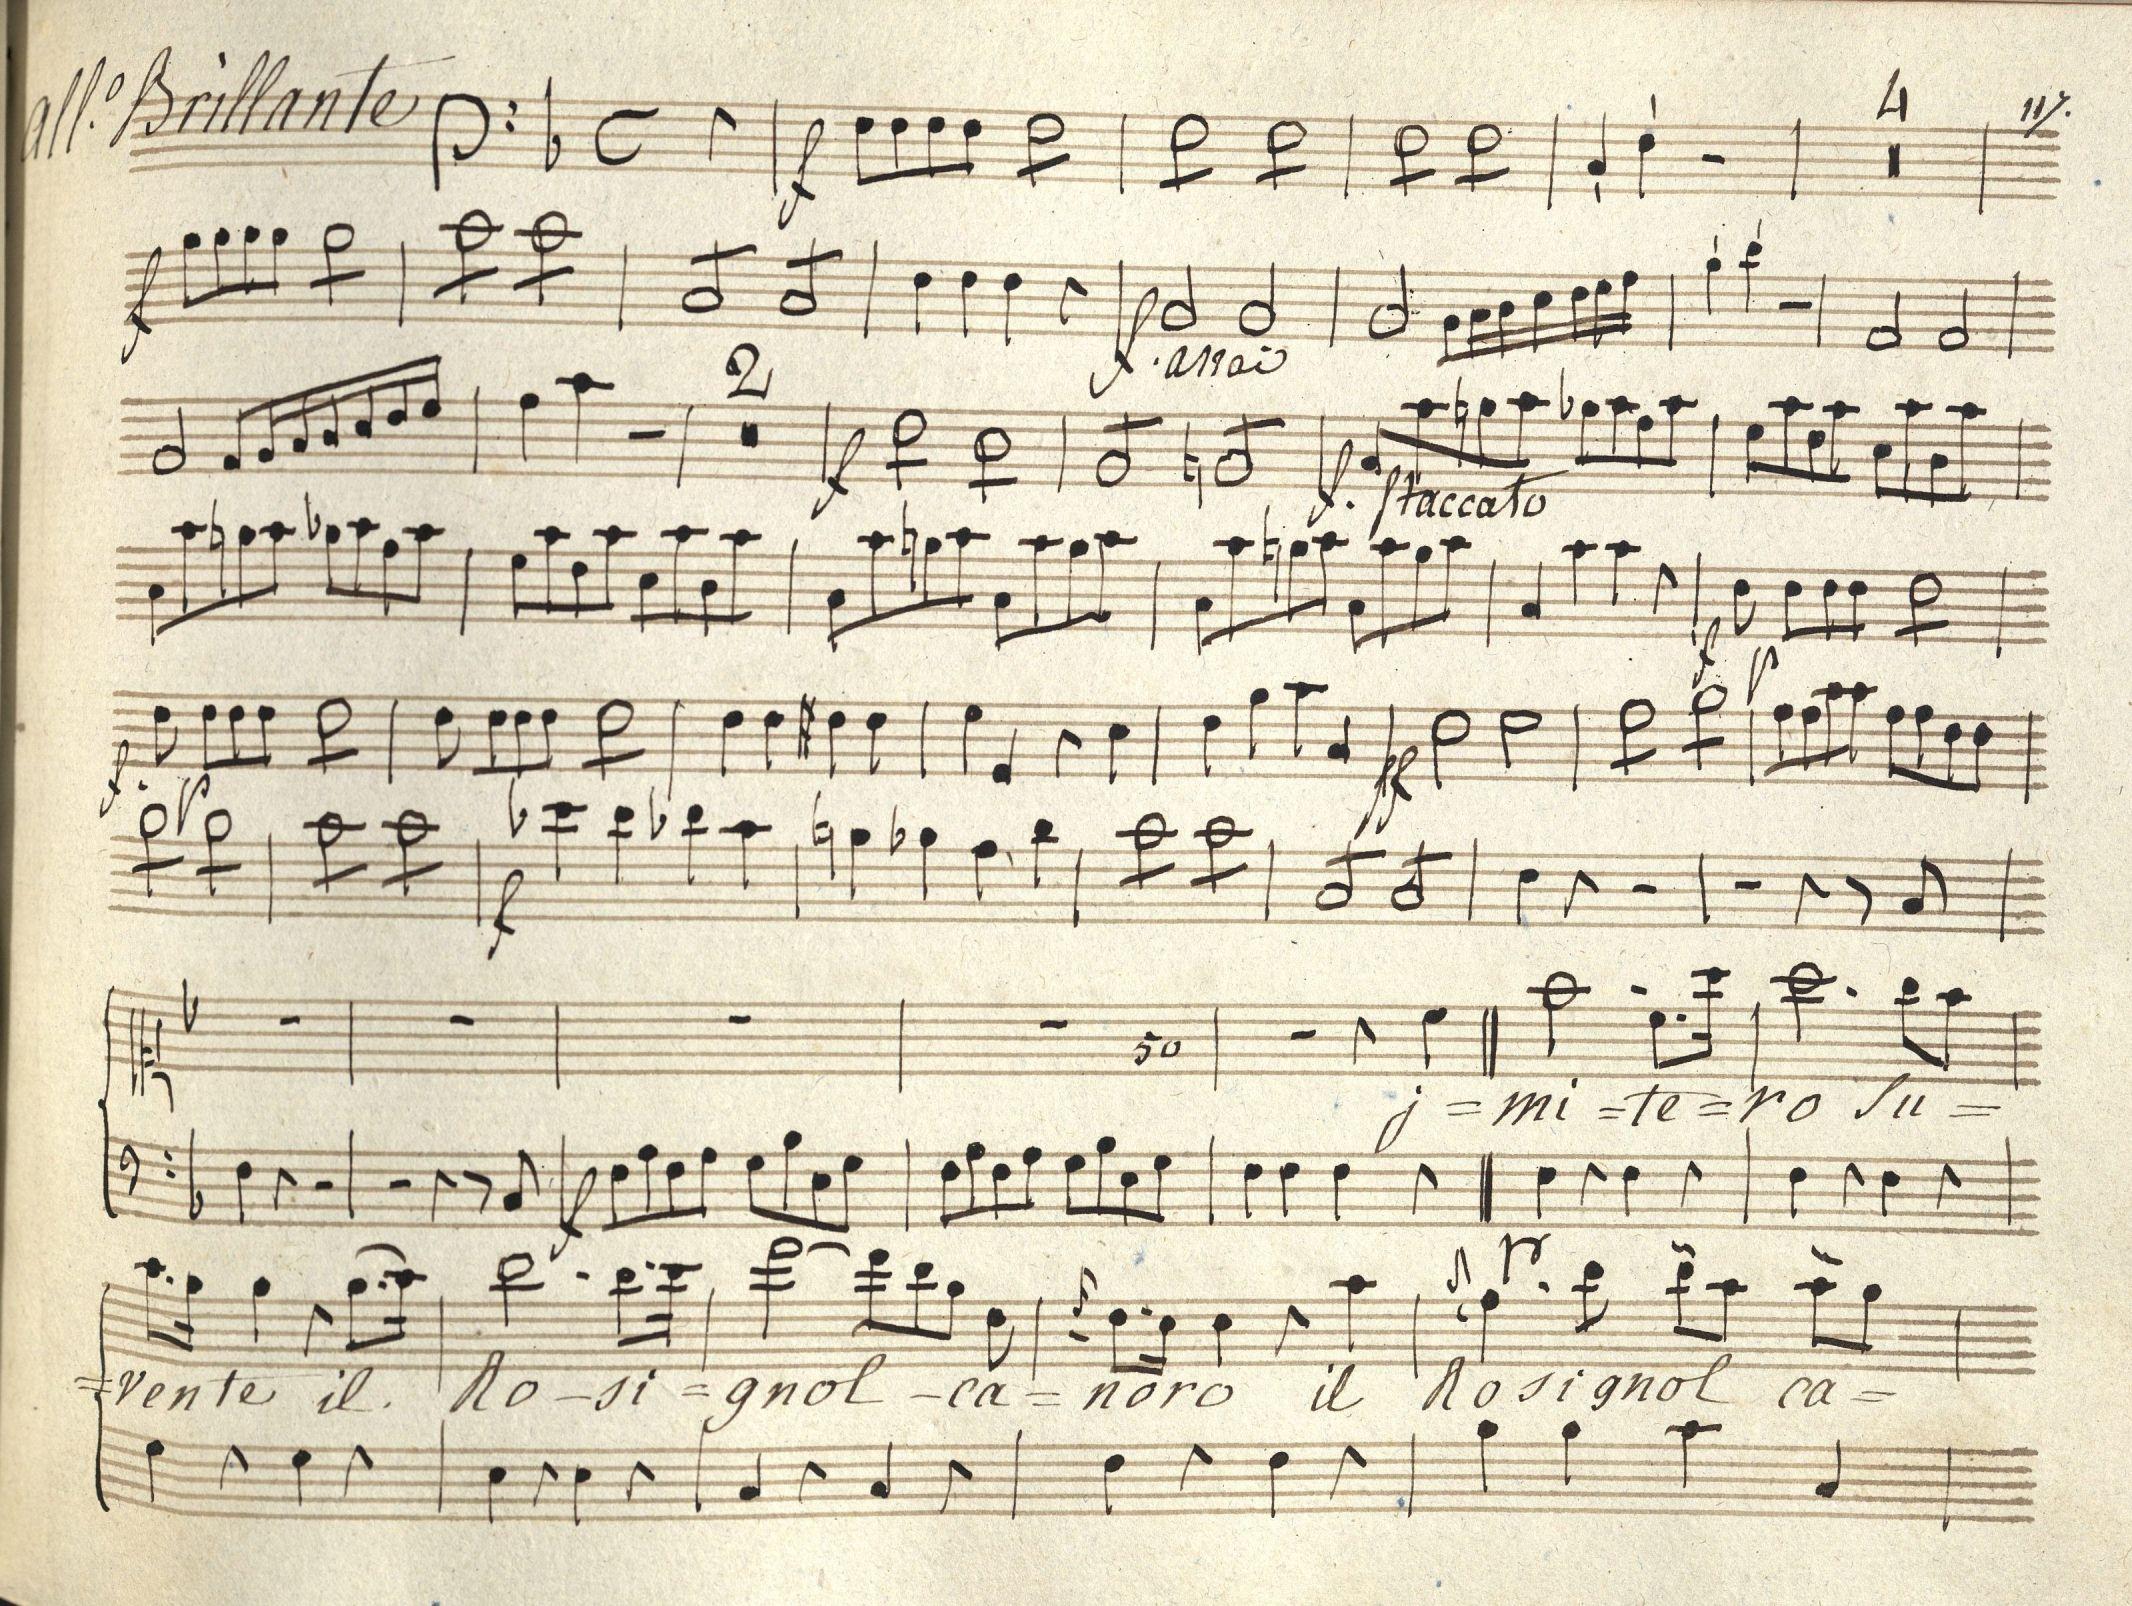 2013MT-1 volume 4, p. 117